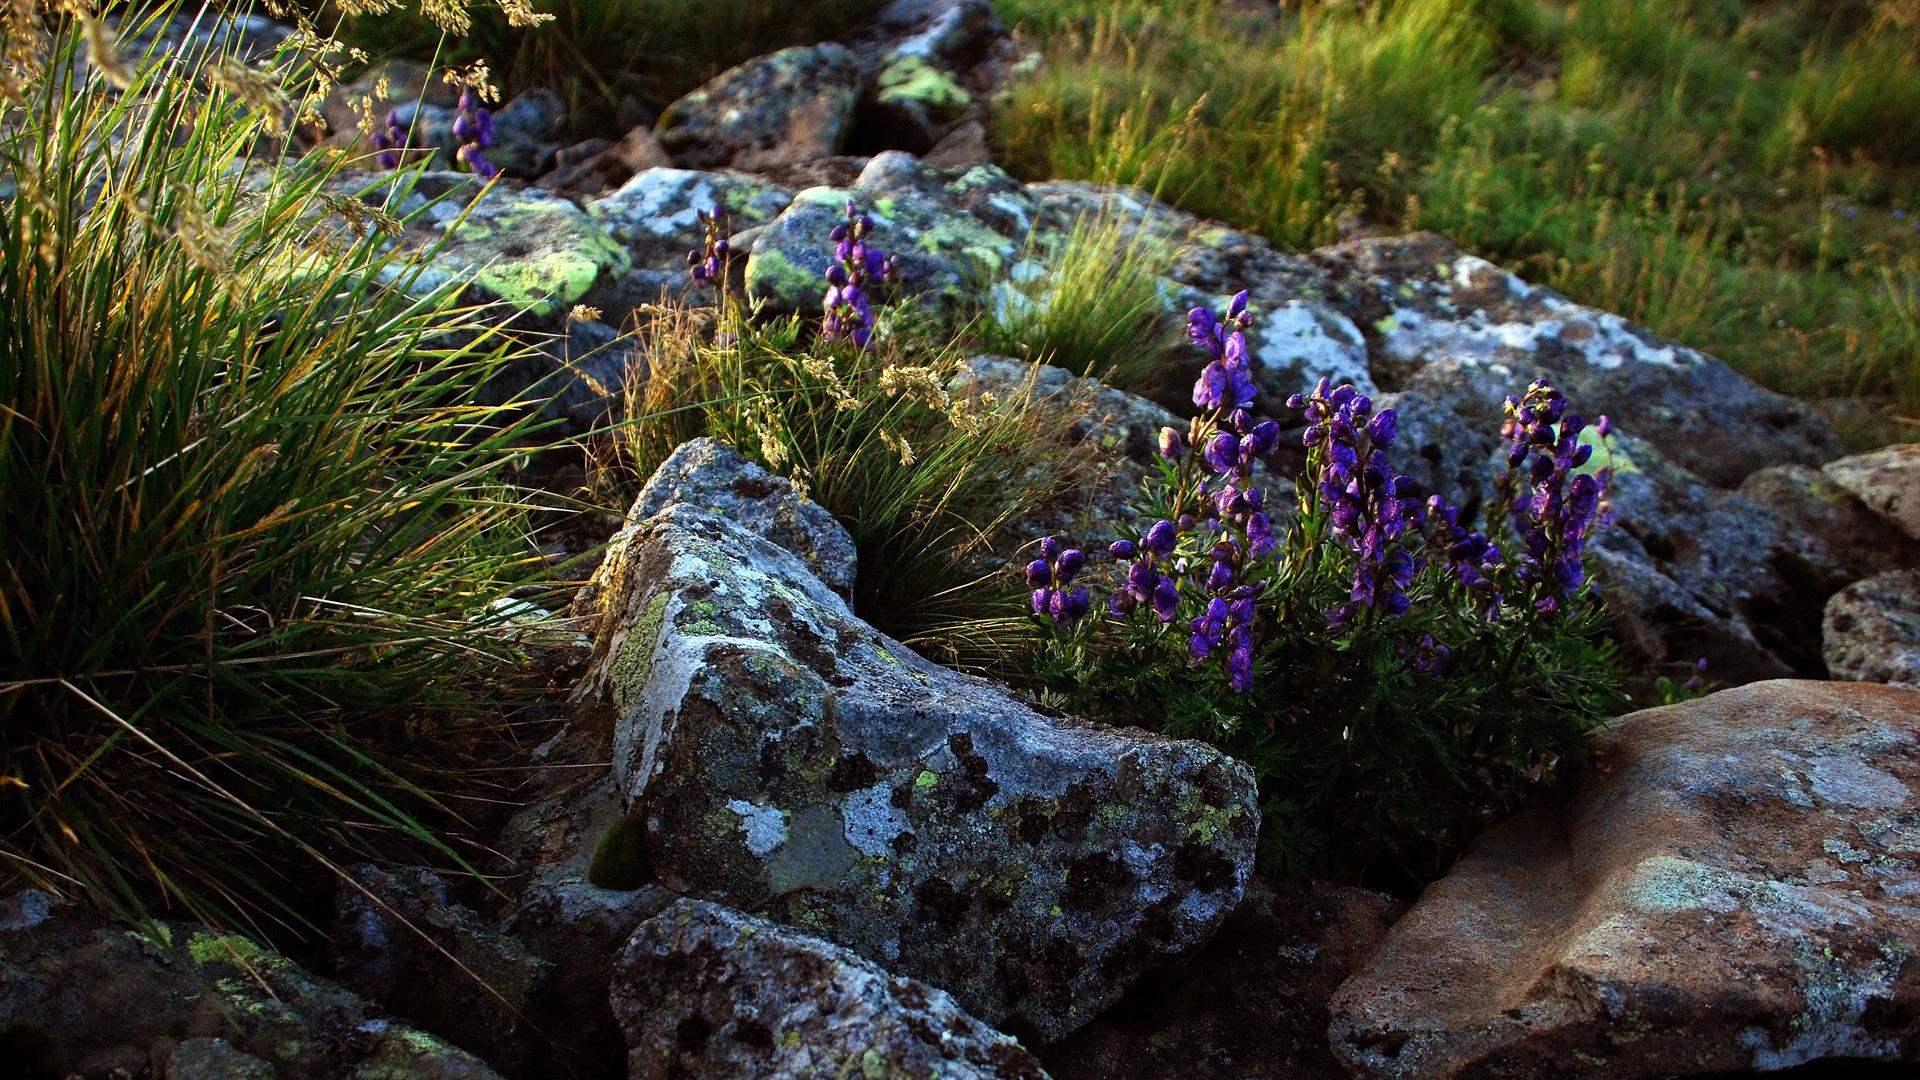 картинки каменного цветочками комплект его поставки